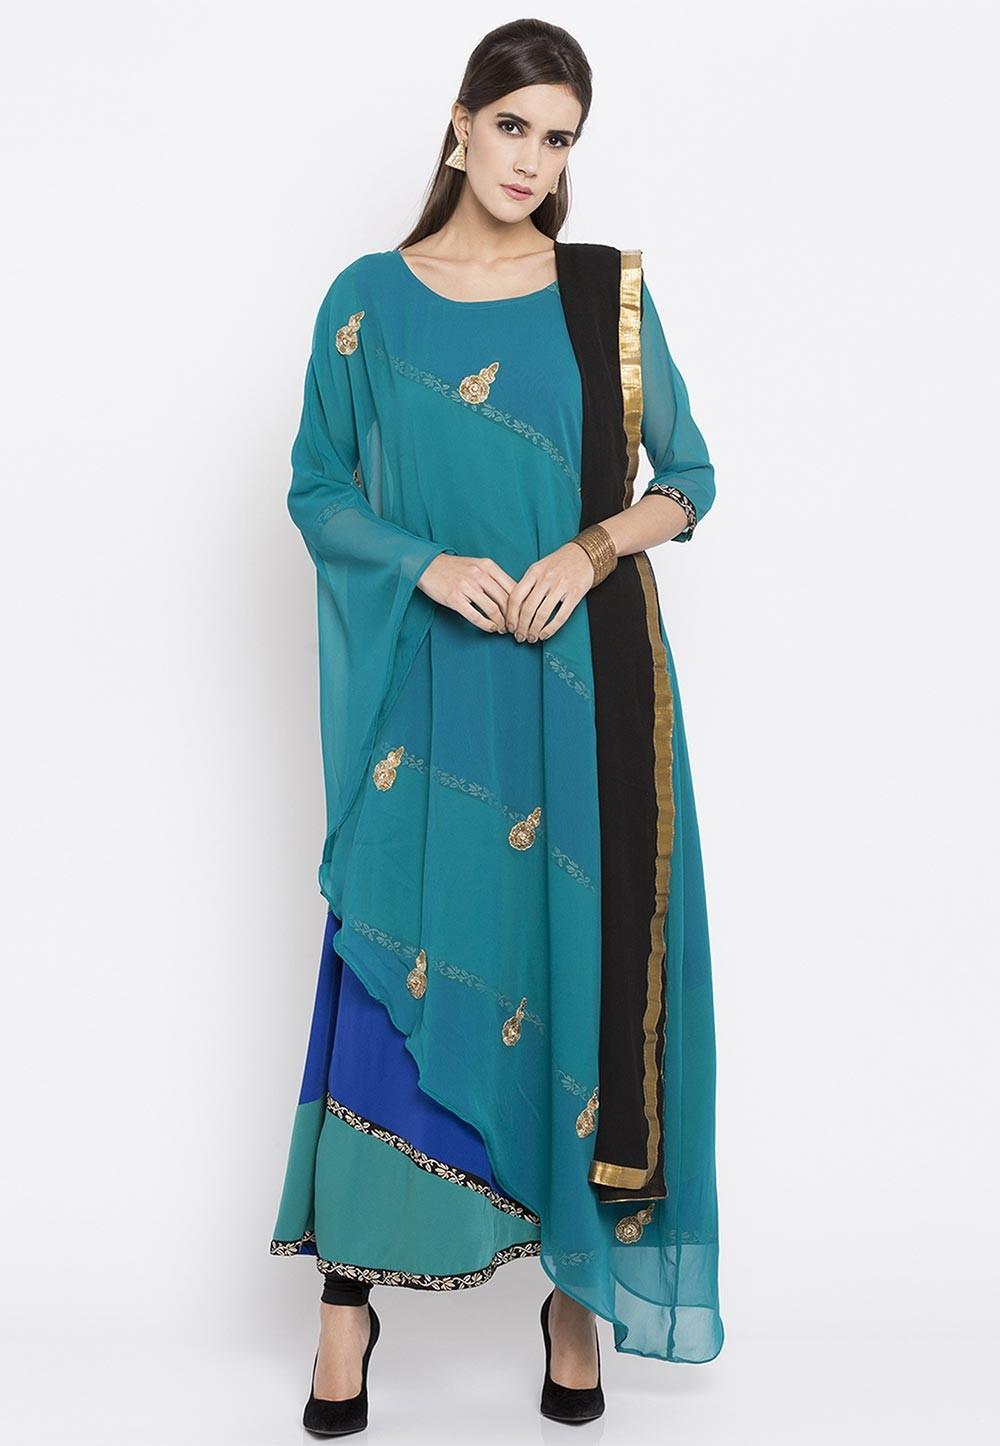 Blue Color Faux Georgette Designer Readymade Salwar Kameez